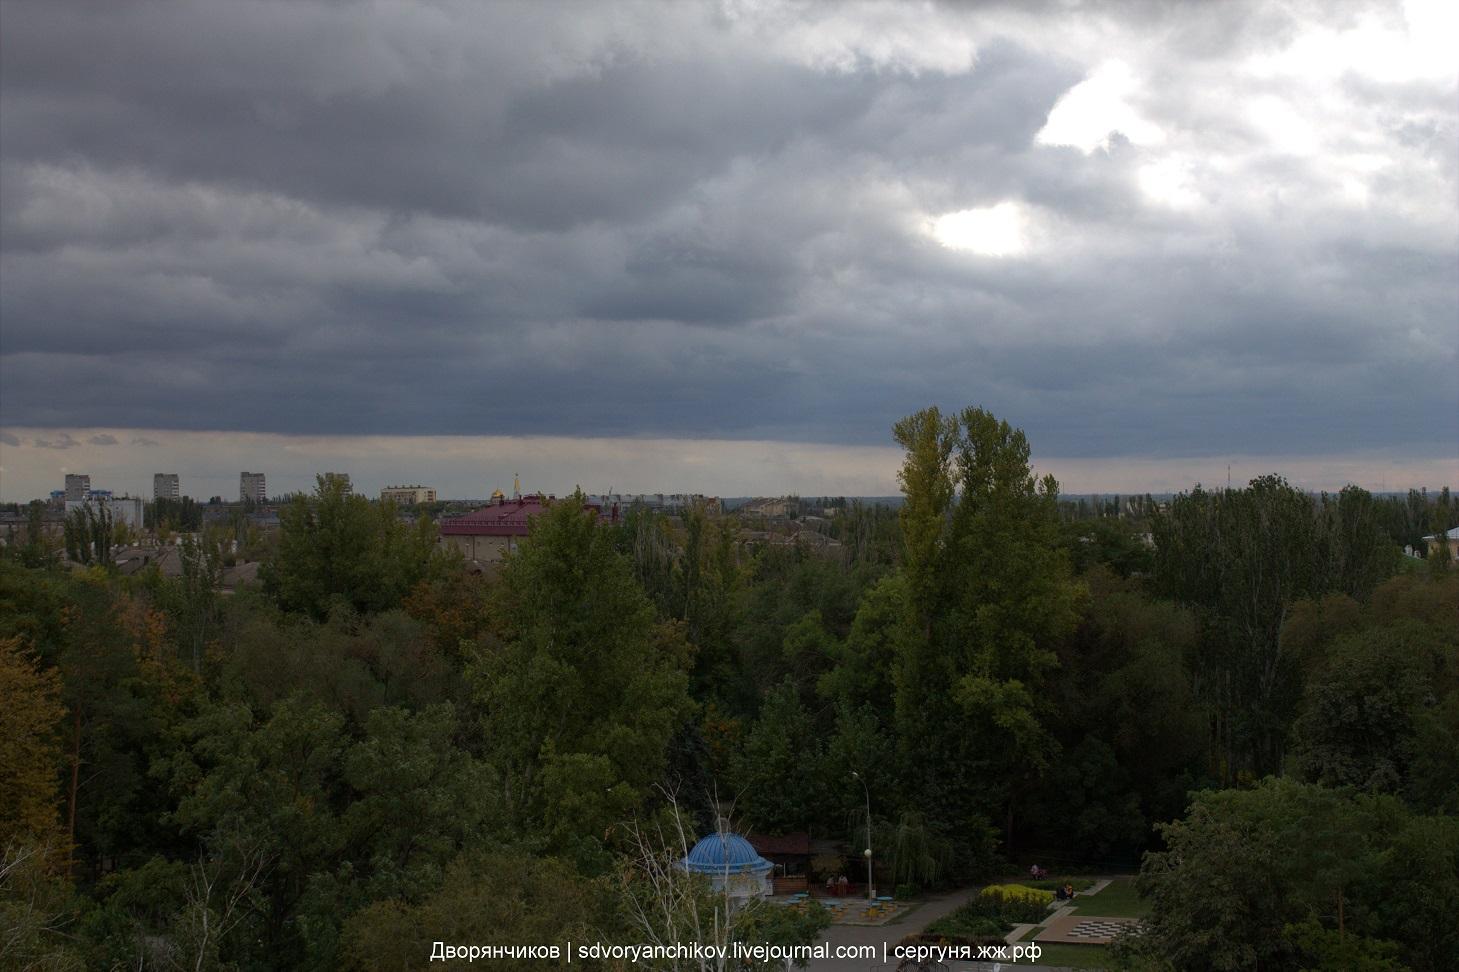 С точки зрения Колеса обозрения - 25 сентября 2016 - парк ВГС - Волжский